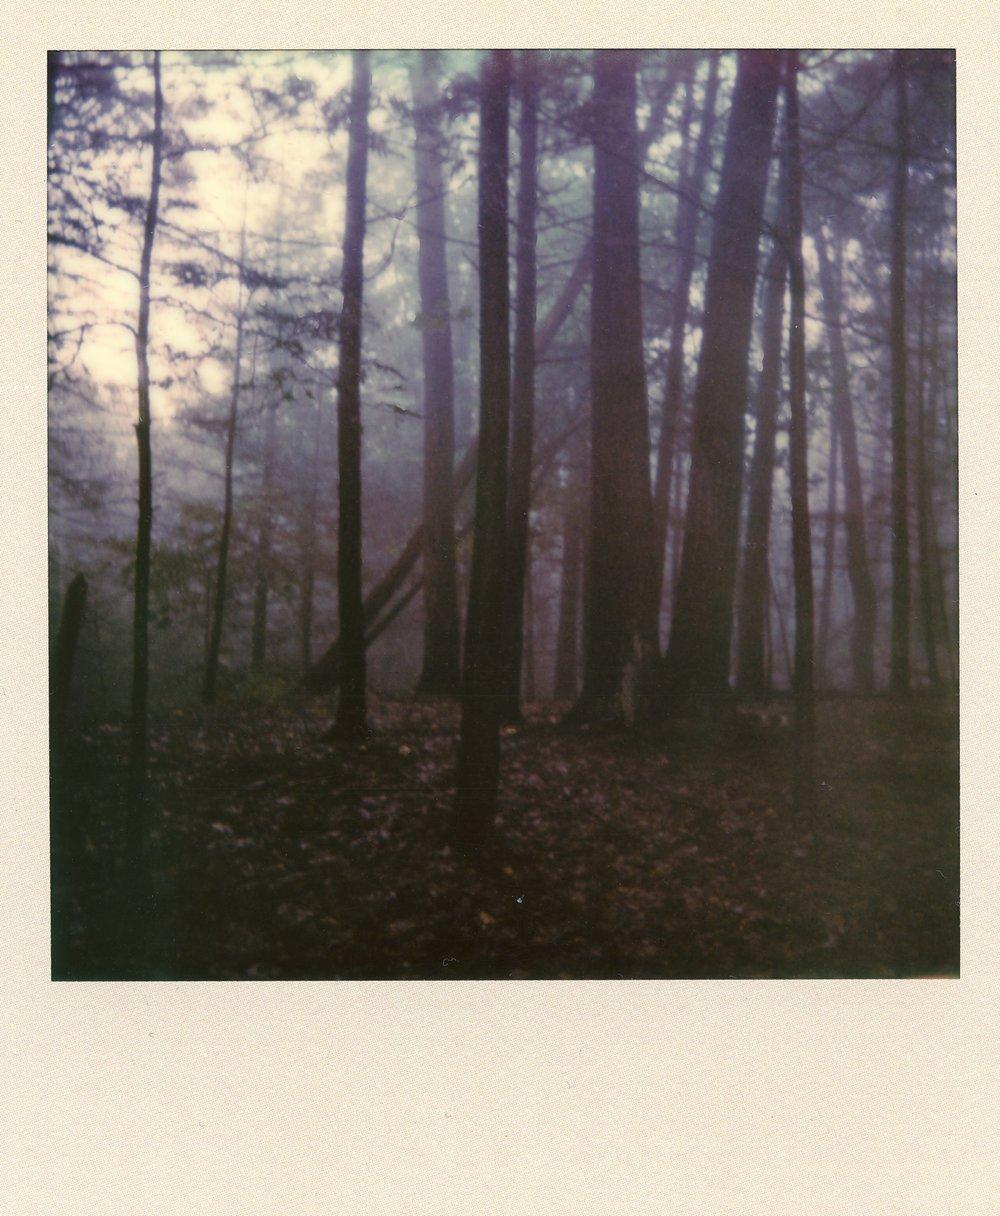 woodstock-ny-polaroid